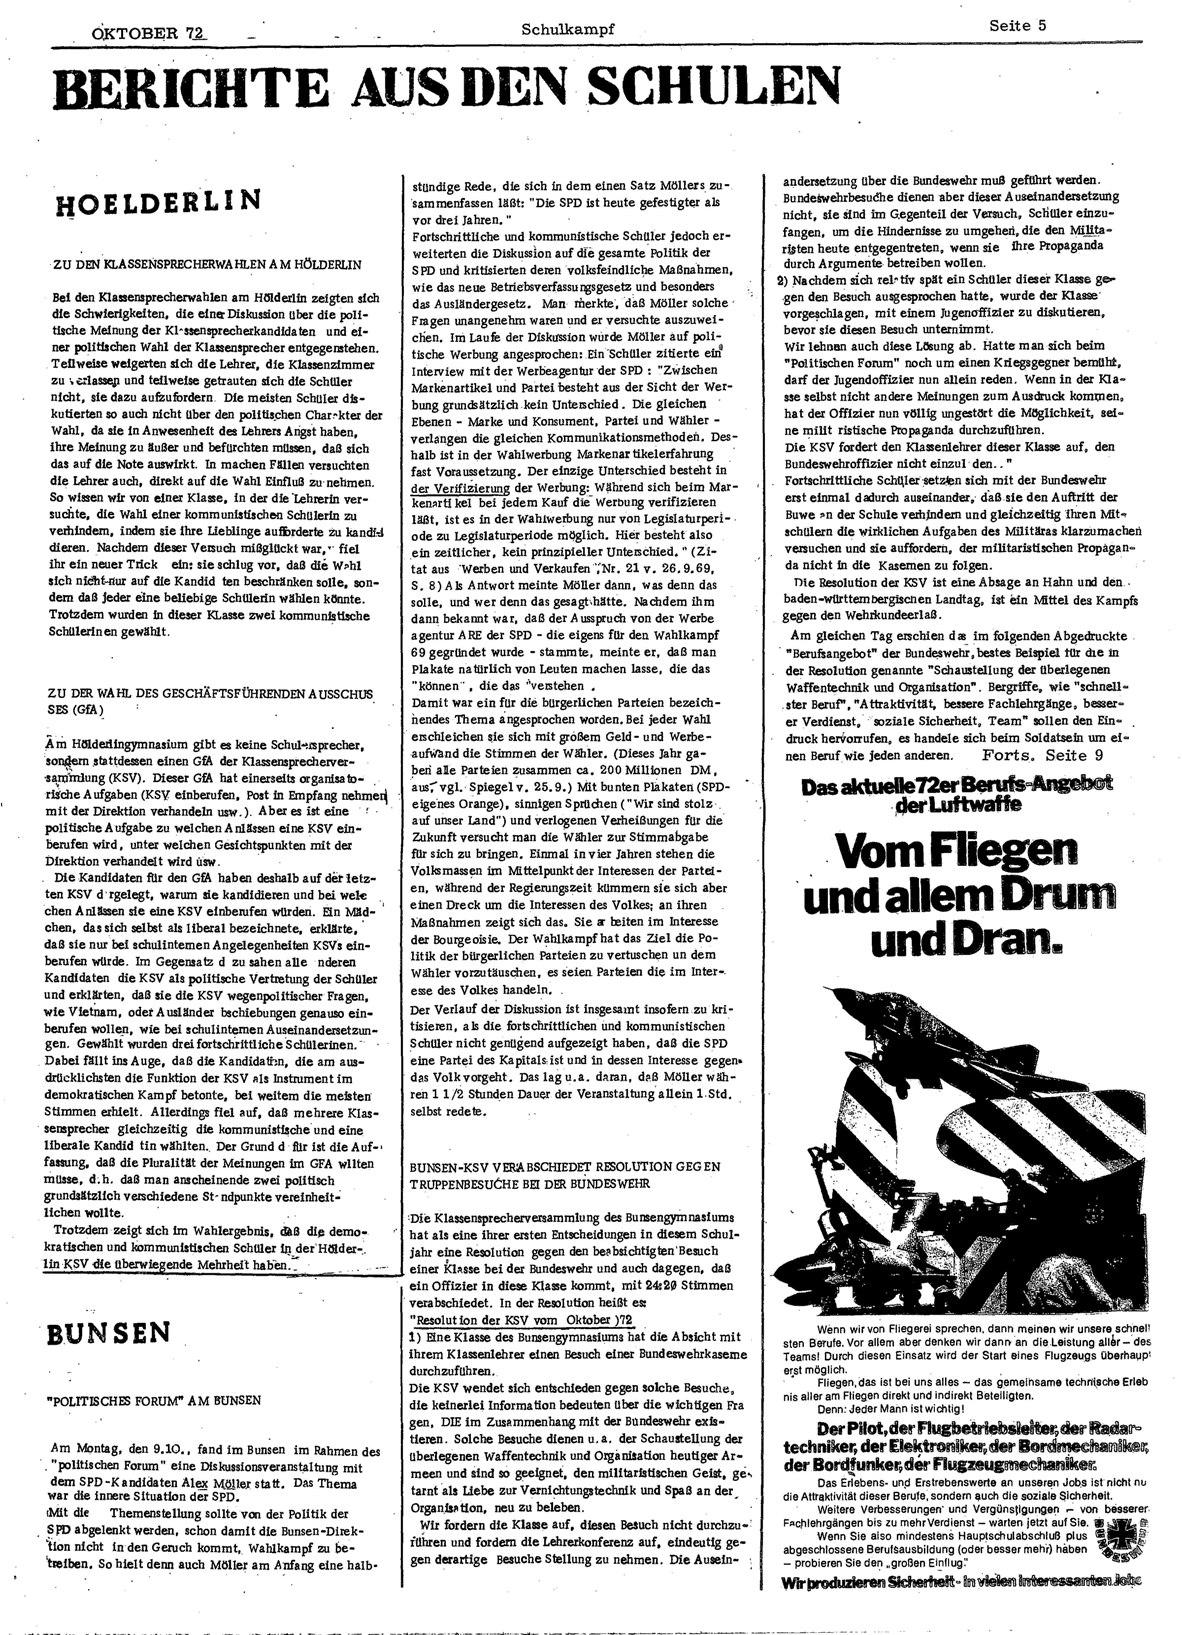 Schulkampf_HD_1972_05_05